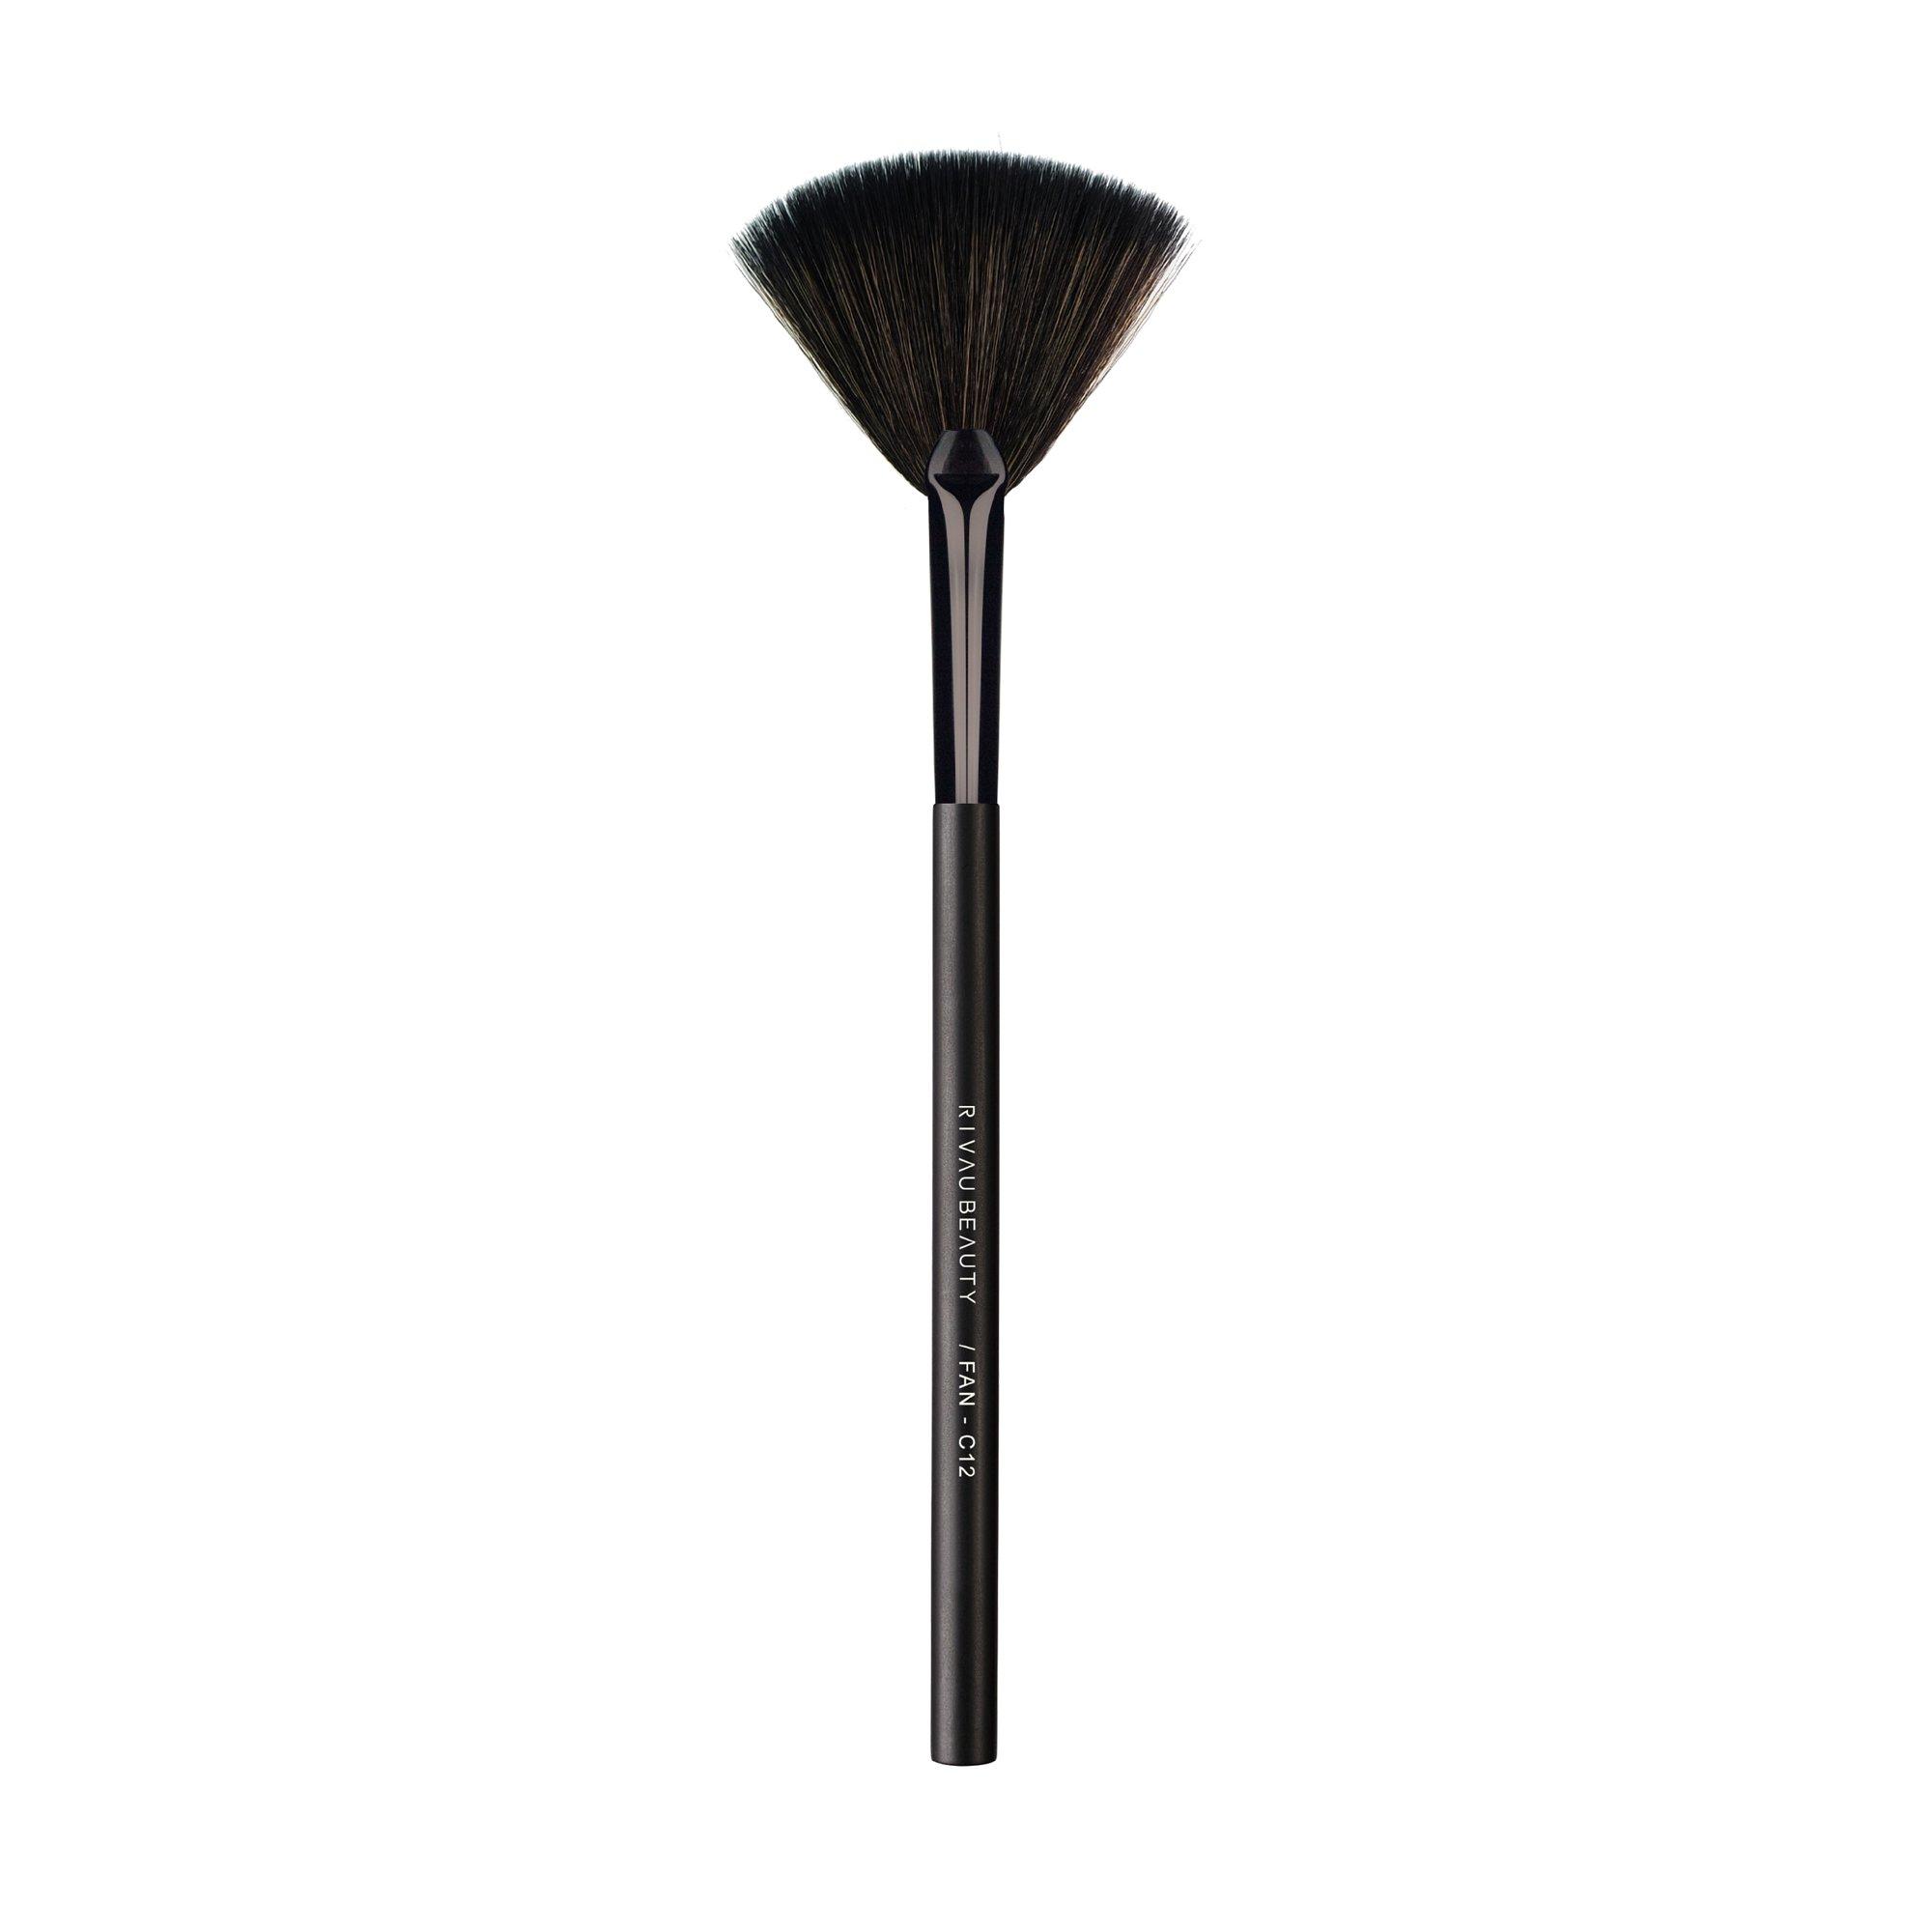 C12 扇型刷 - 黑色系列 / 餘粉刷 打亮刷 化妝刷 刷具 IG 網紅 部落格 推薦 禮物